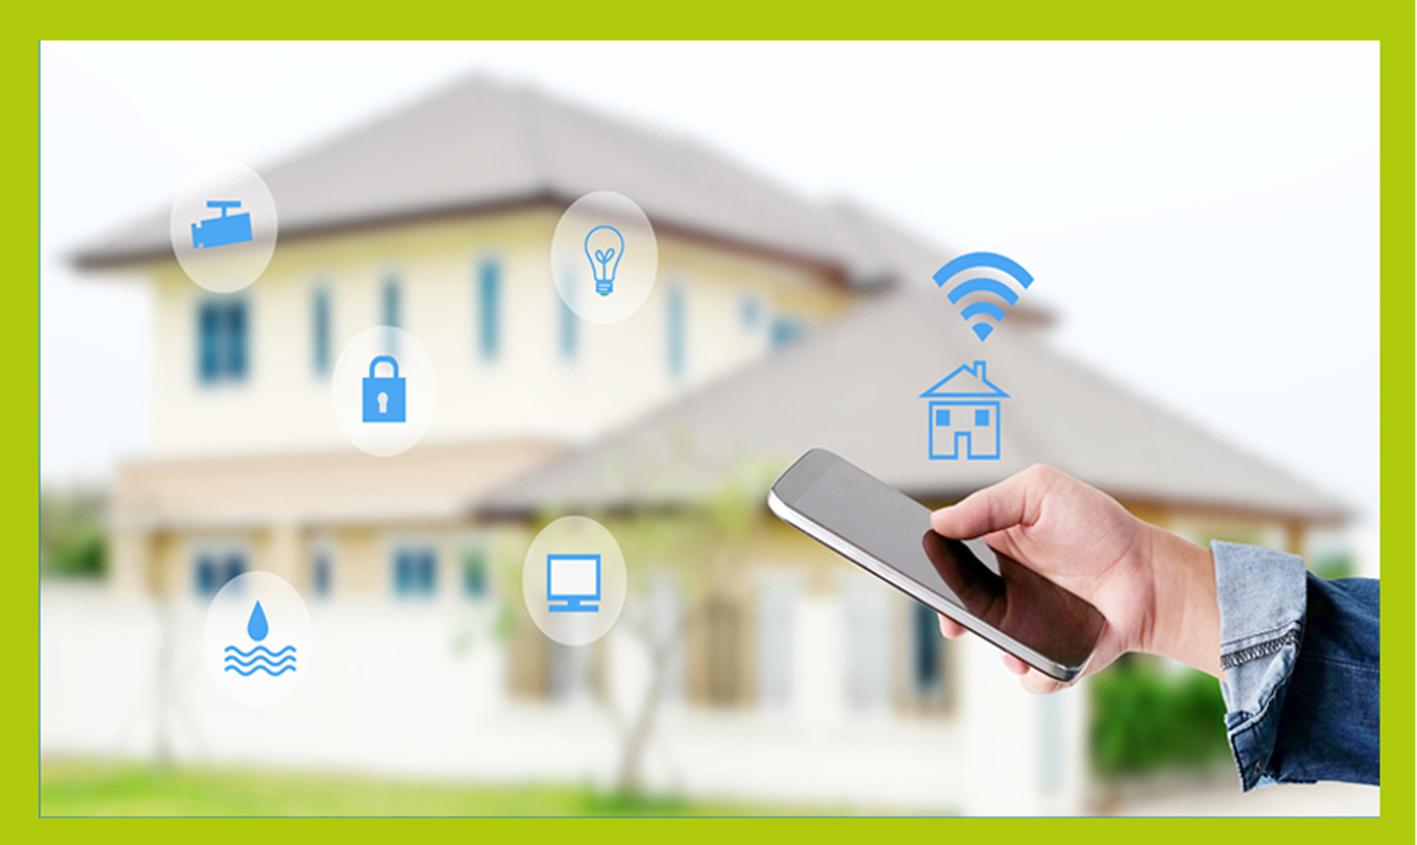 Lamaisonintelligente, appelée également maison connectée ou Smart Home